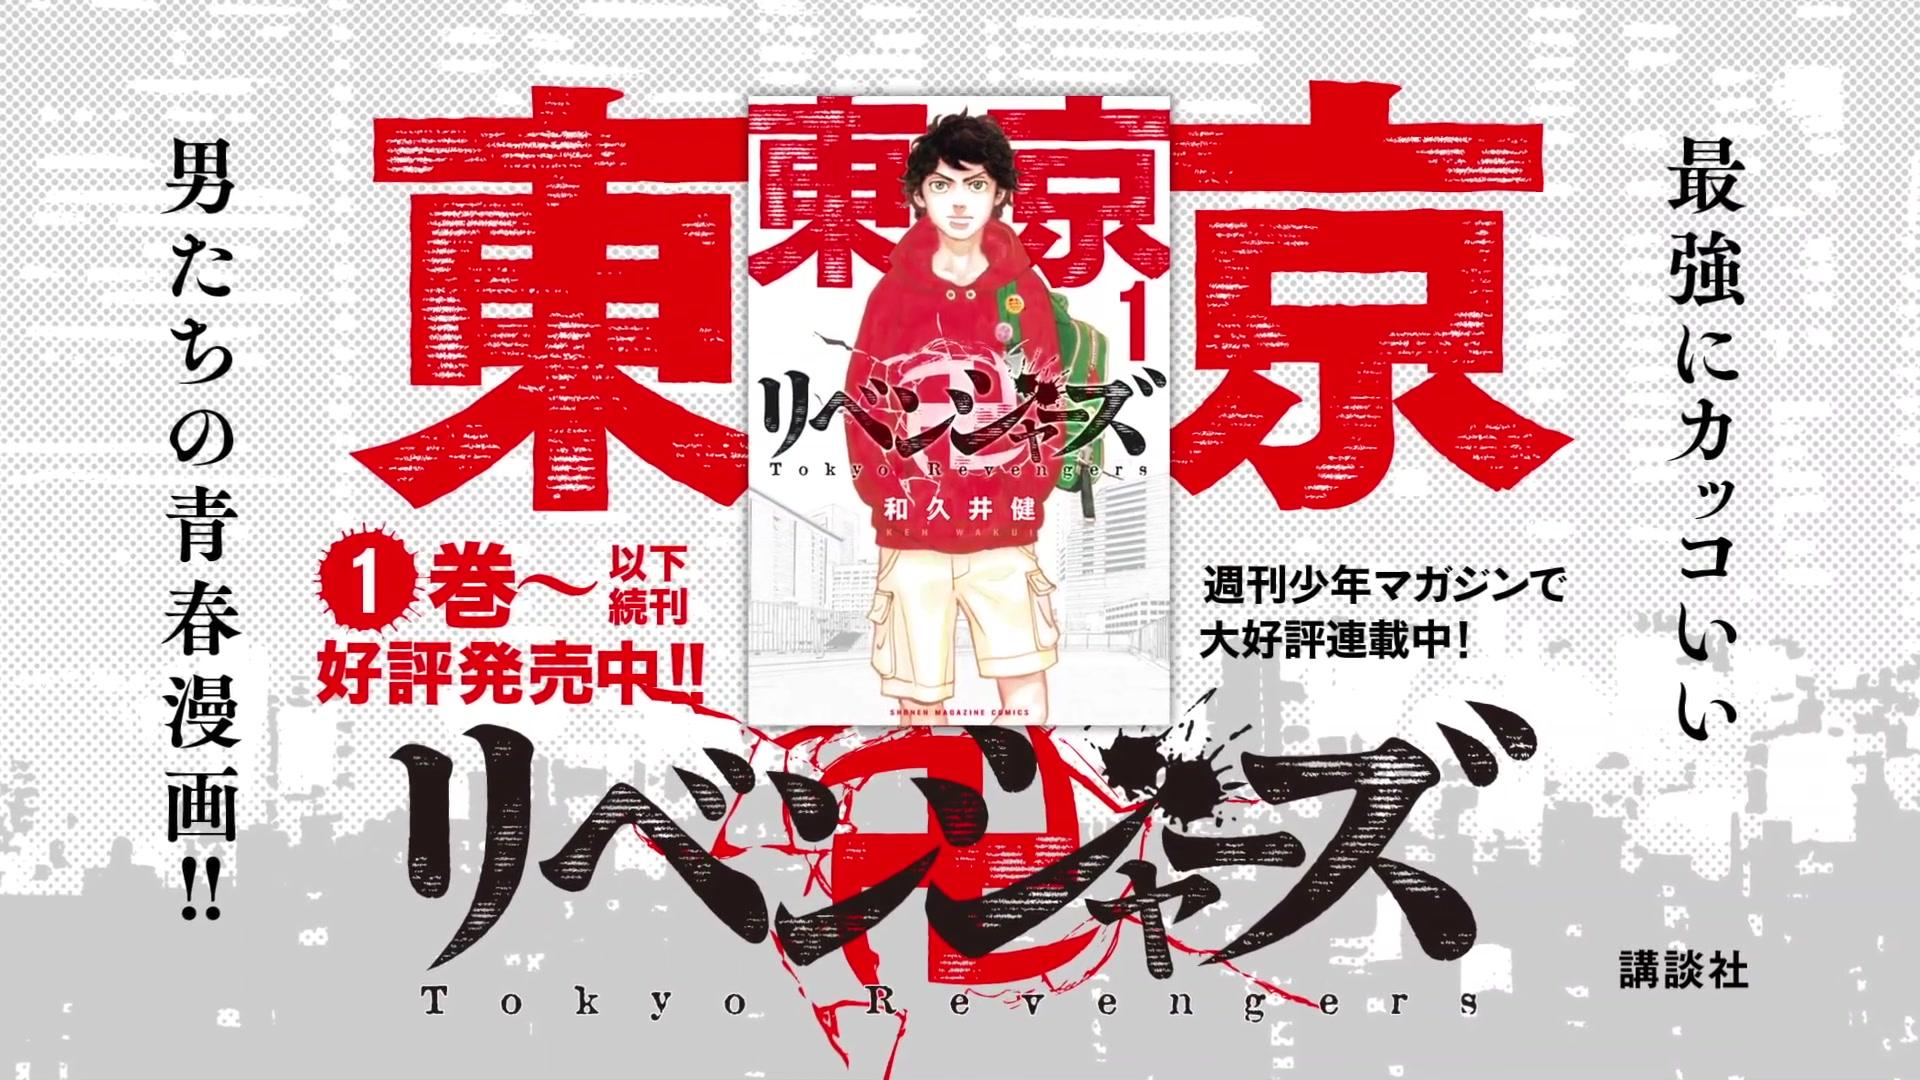 漫画东京复仇者穿越PV#哔哩哔哩动画.来自者灵漫画狐特制火线图片